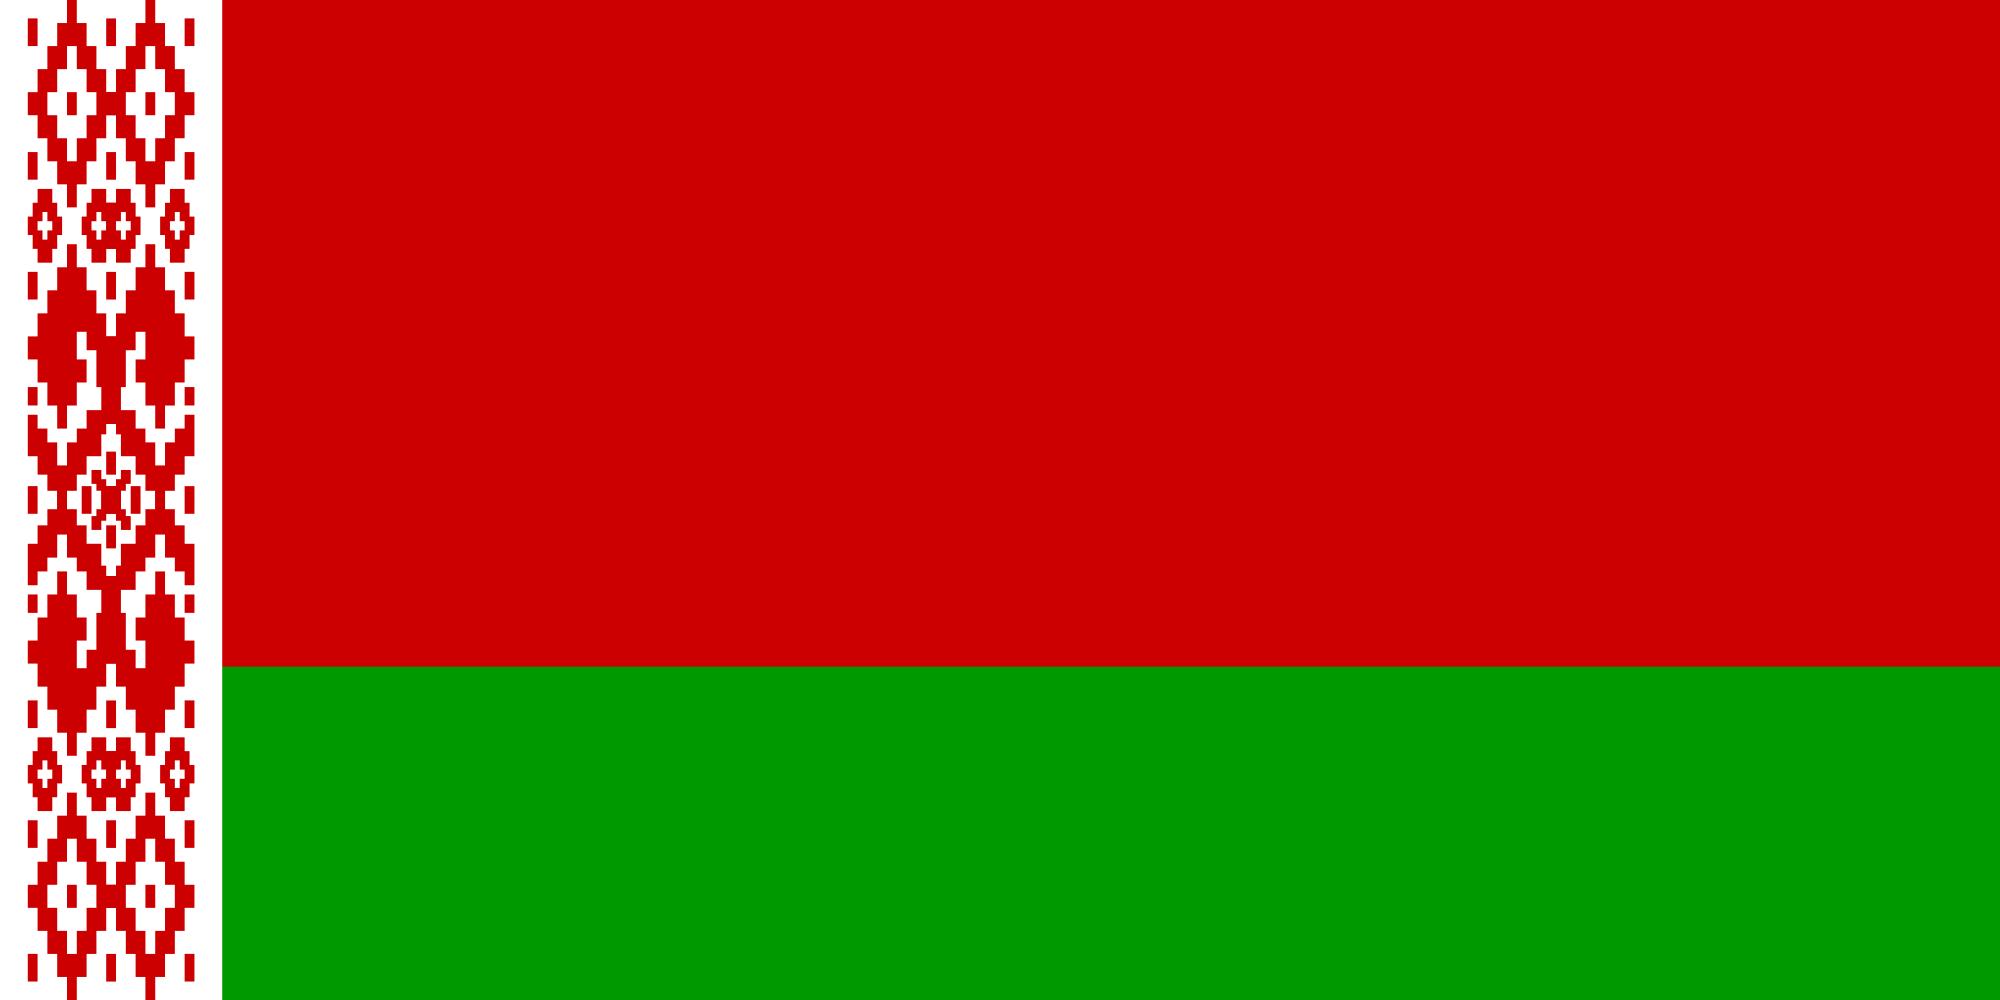 Беларус: Прогнози 22.09.2017